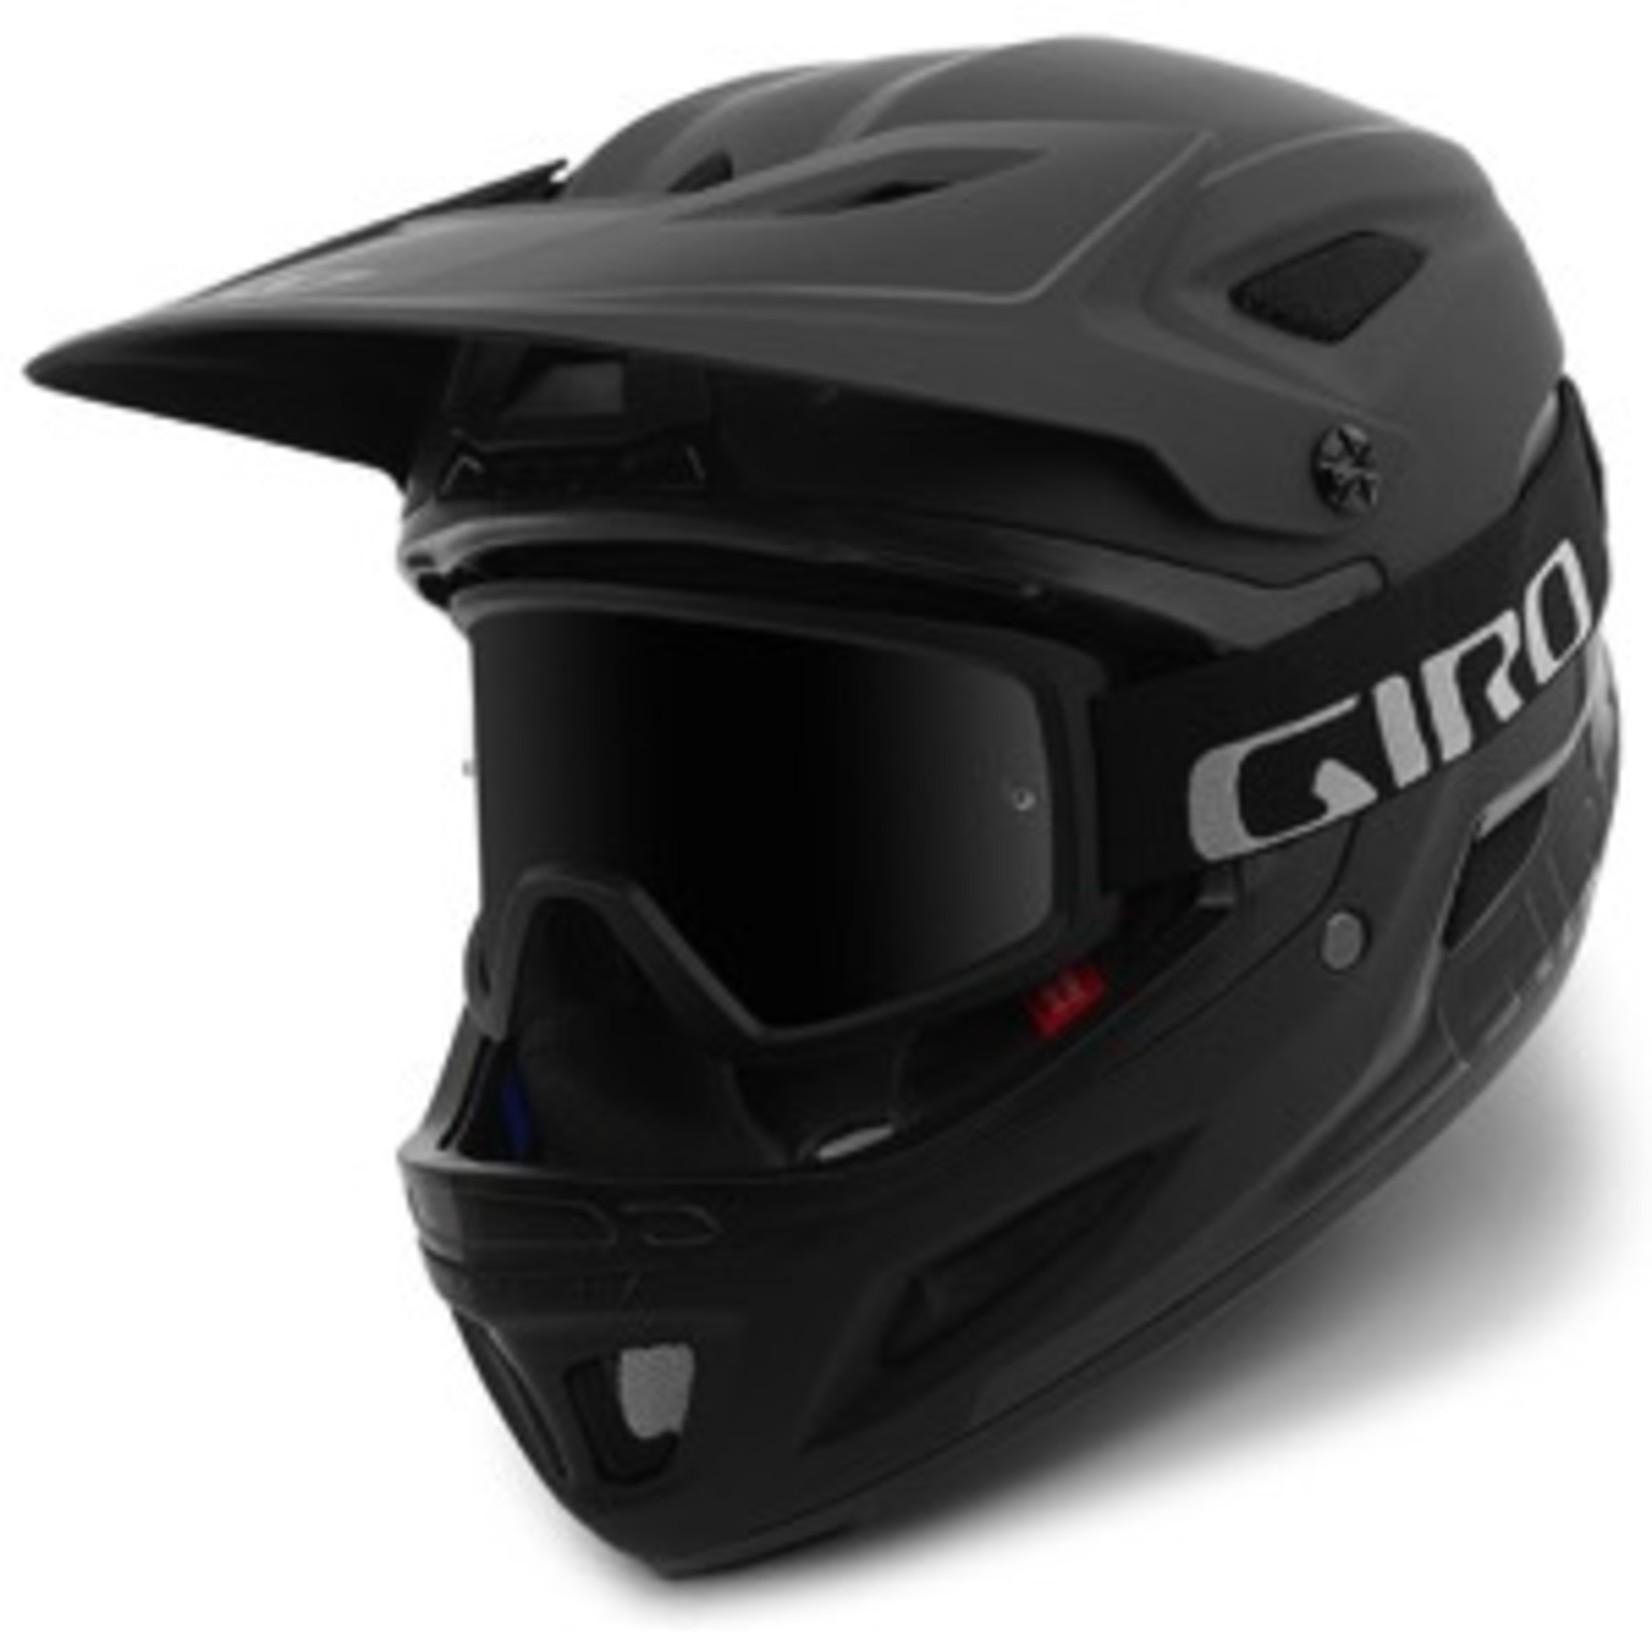 Giro Disciple MIPS Helmet